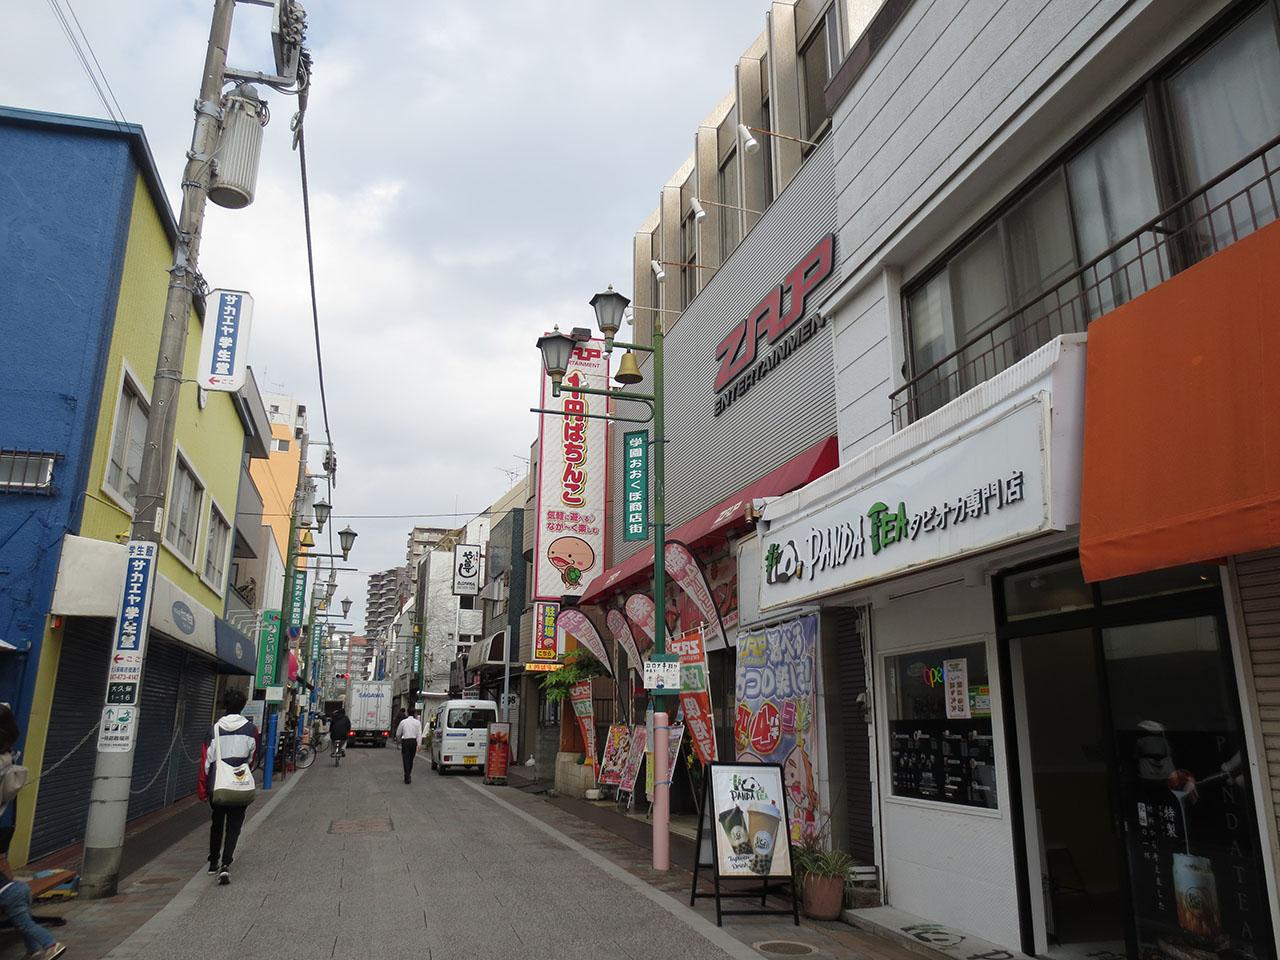 道路向かい側に建つ別のタピオカ専門店の写真